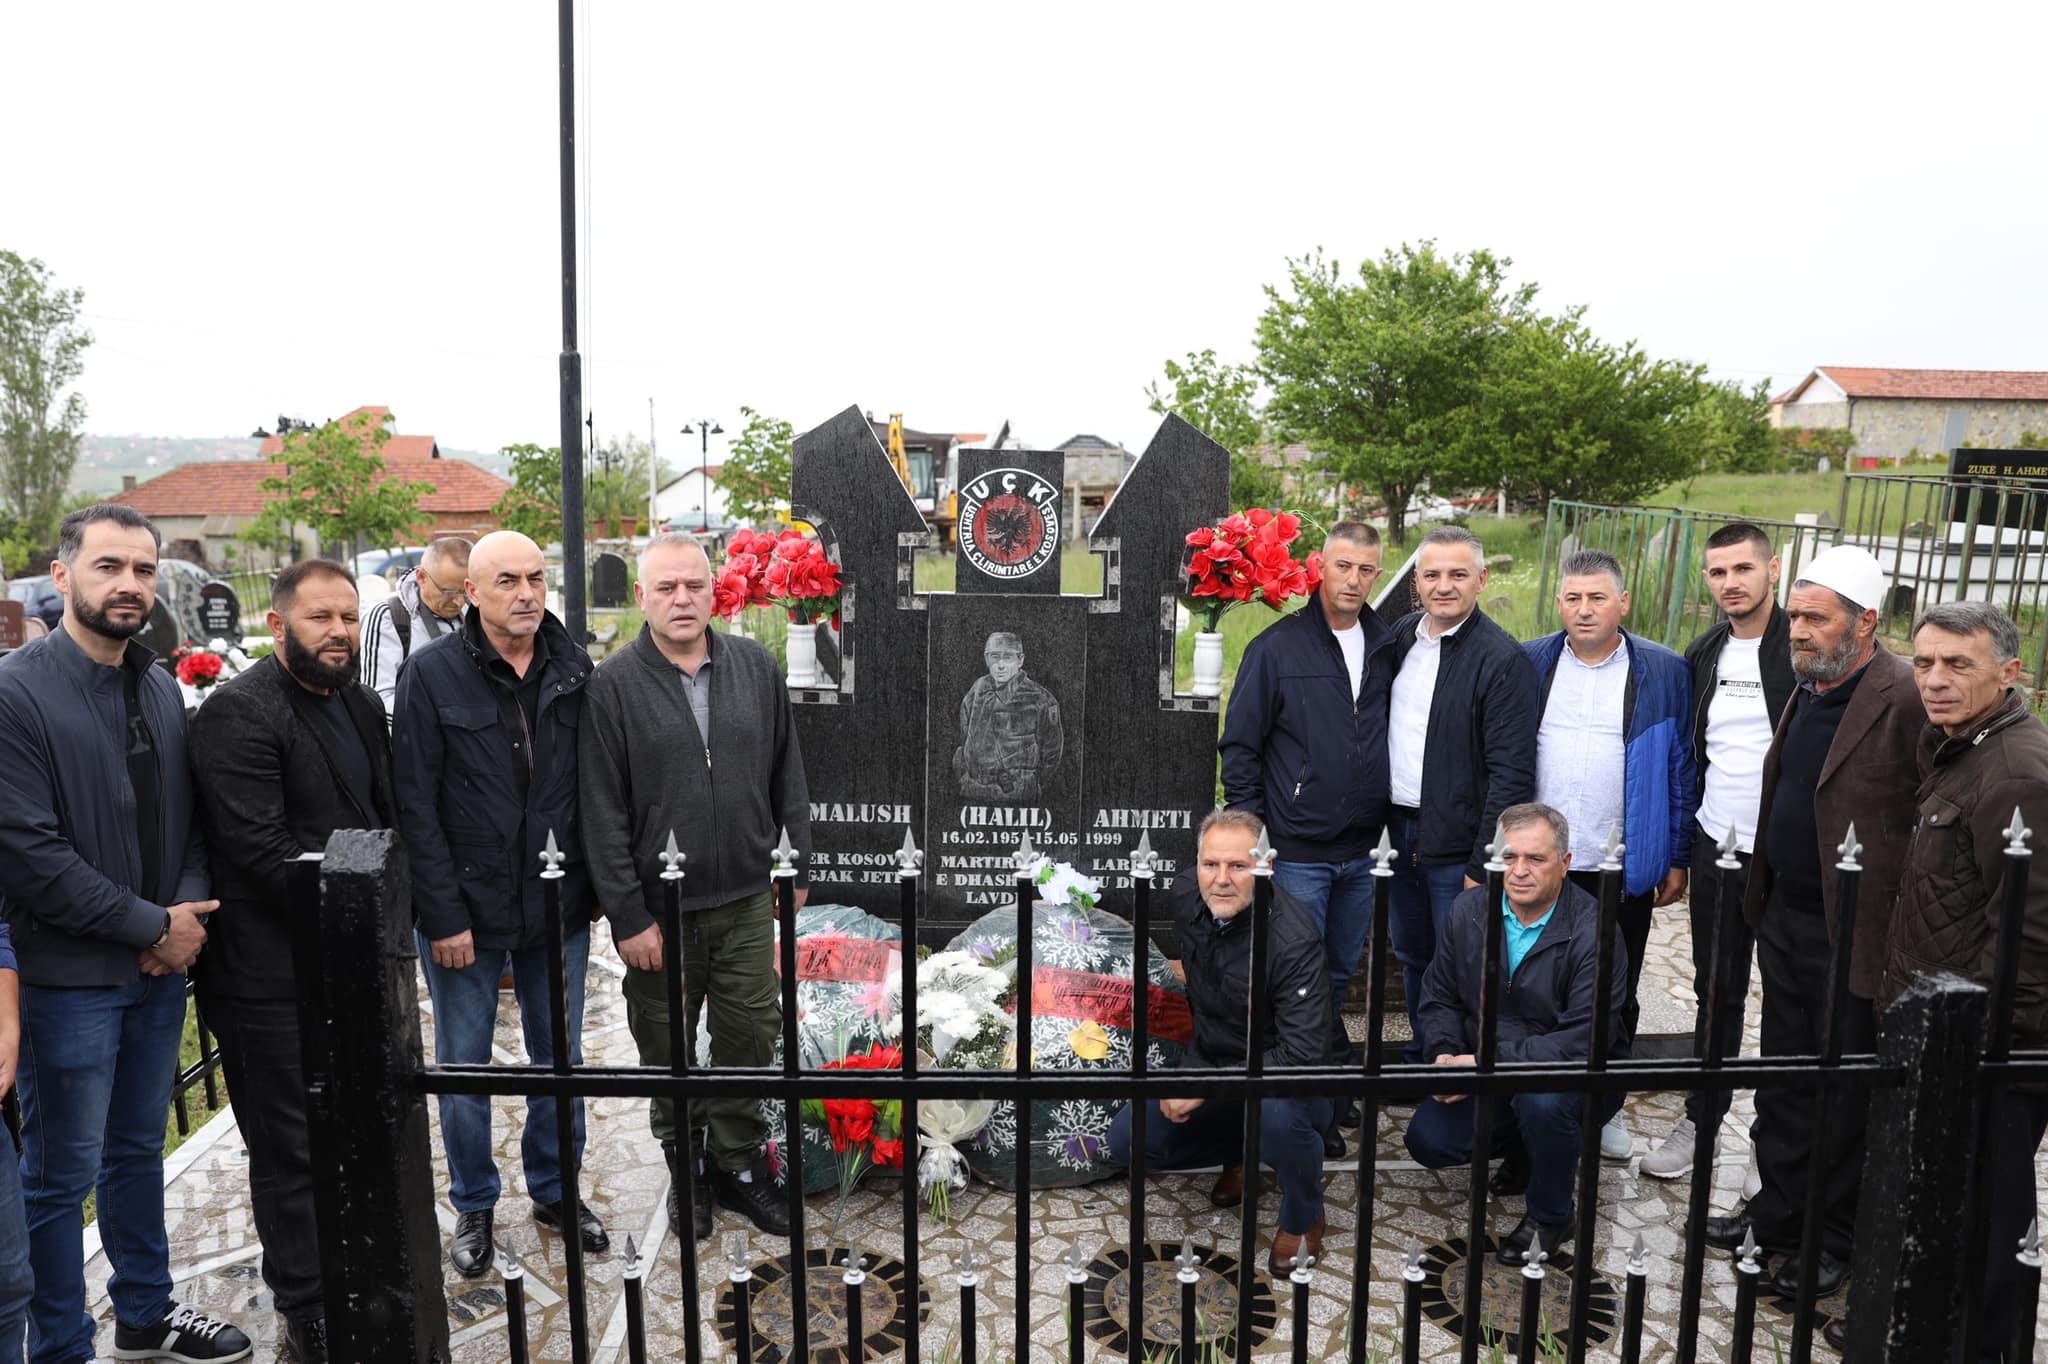 22 vjet nga rënia heroike e komandantit të Ushtrisë Çlirimtare të Kosovës, Malush Ahmeti